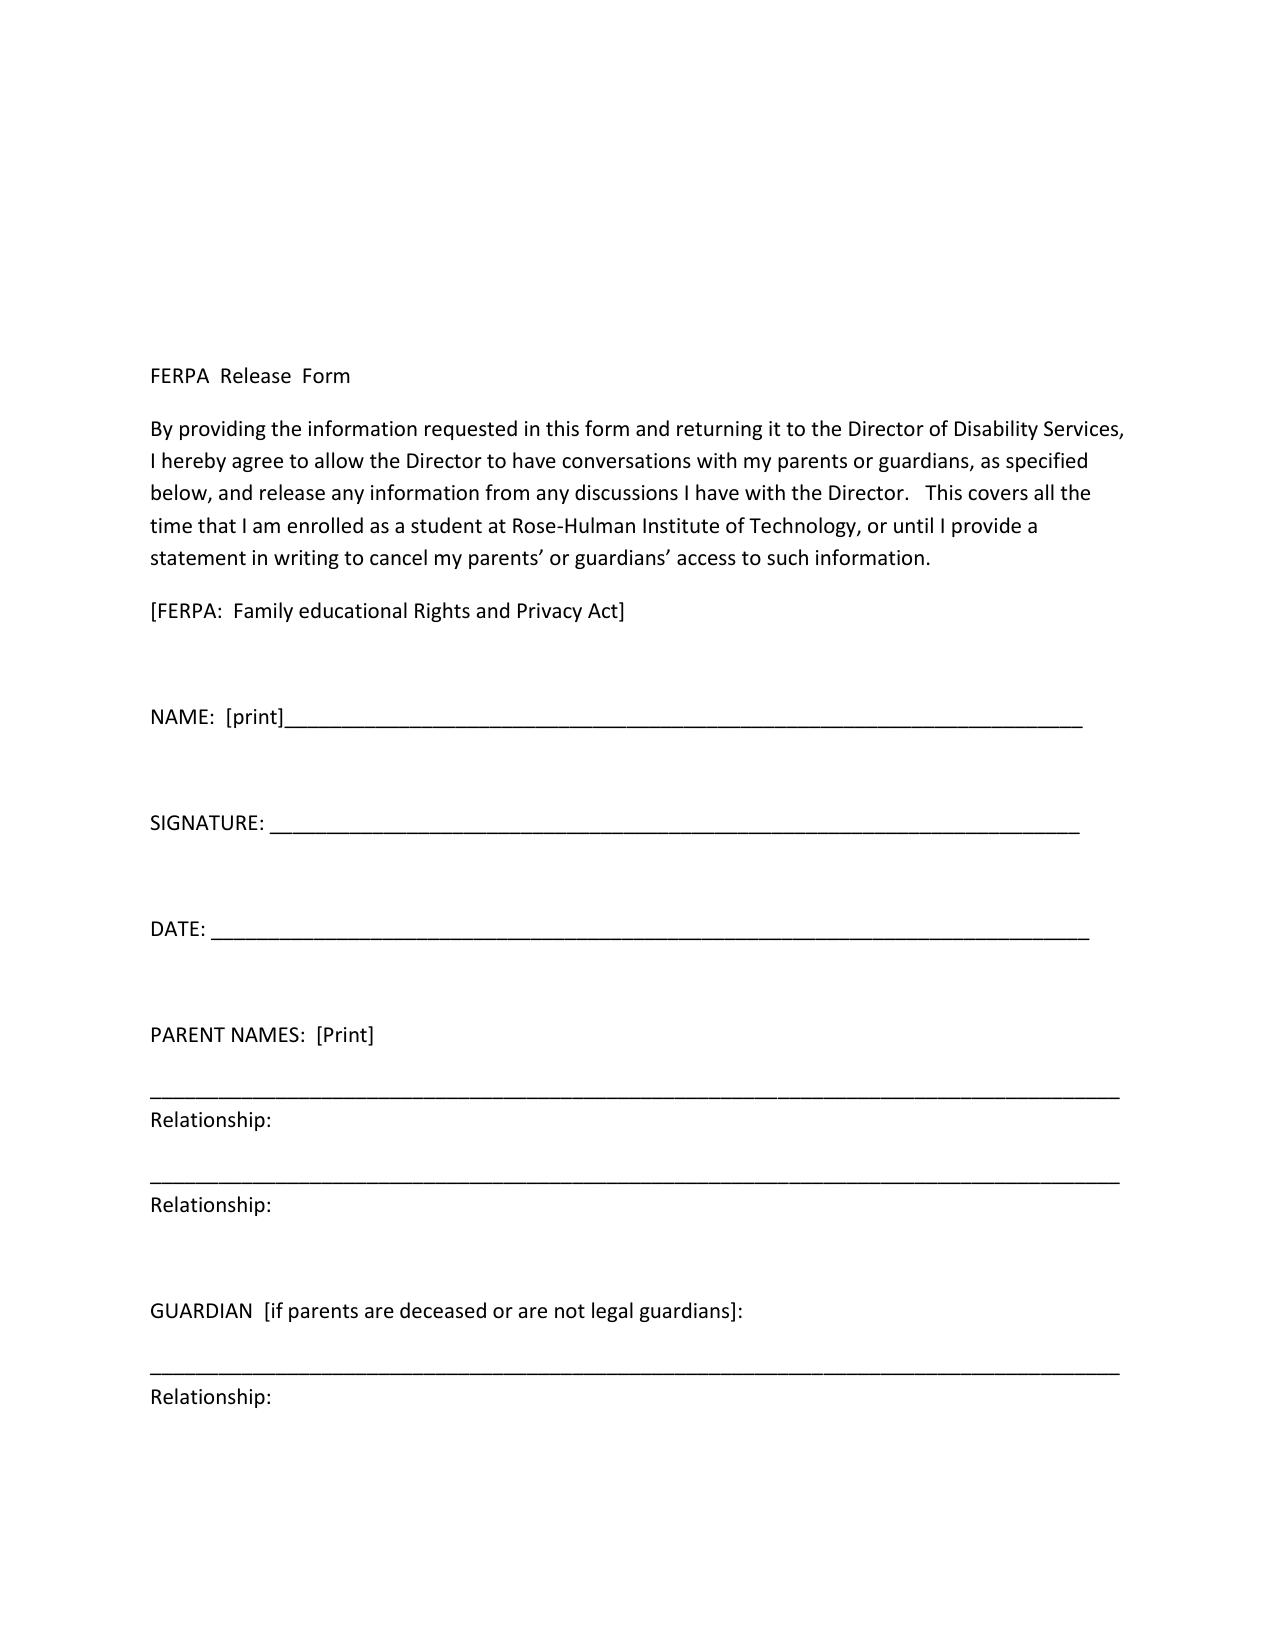 ferpa form 2019  FERPA Release Form